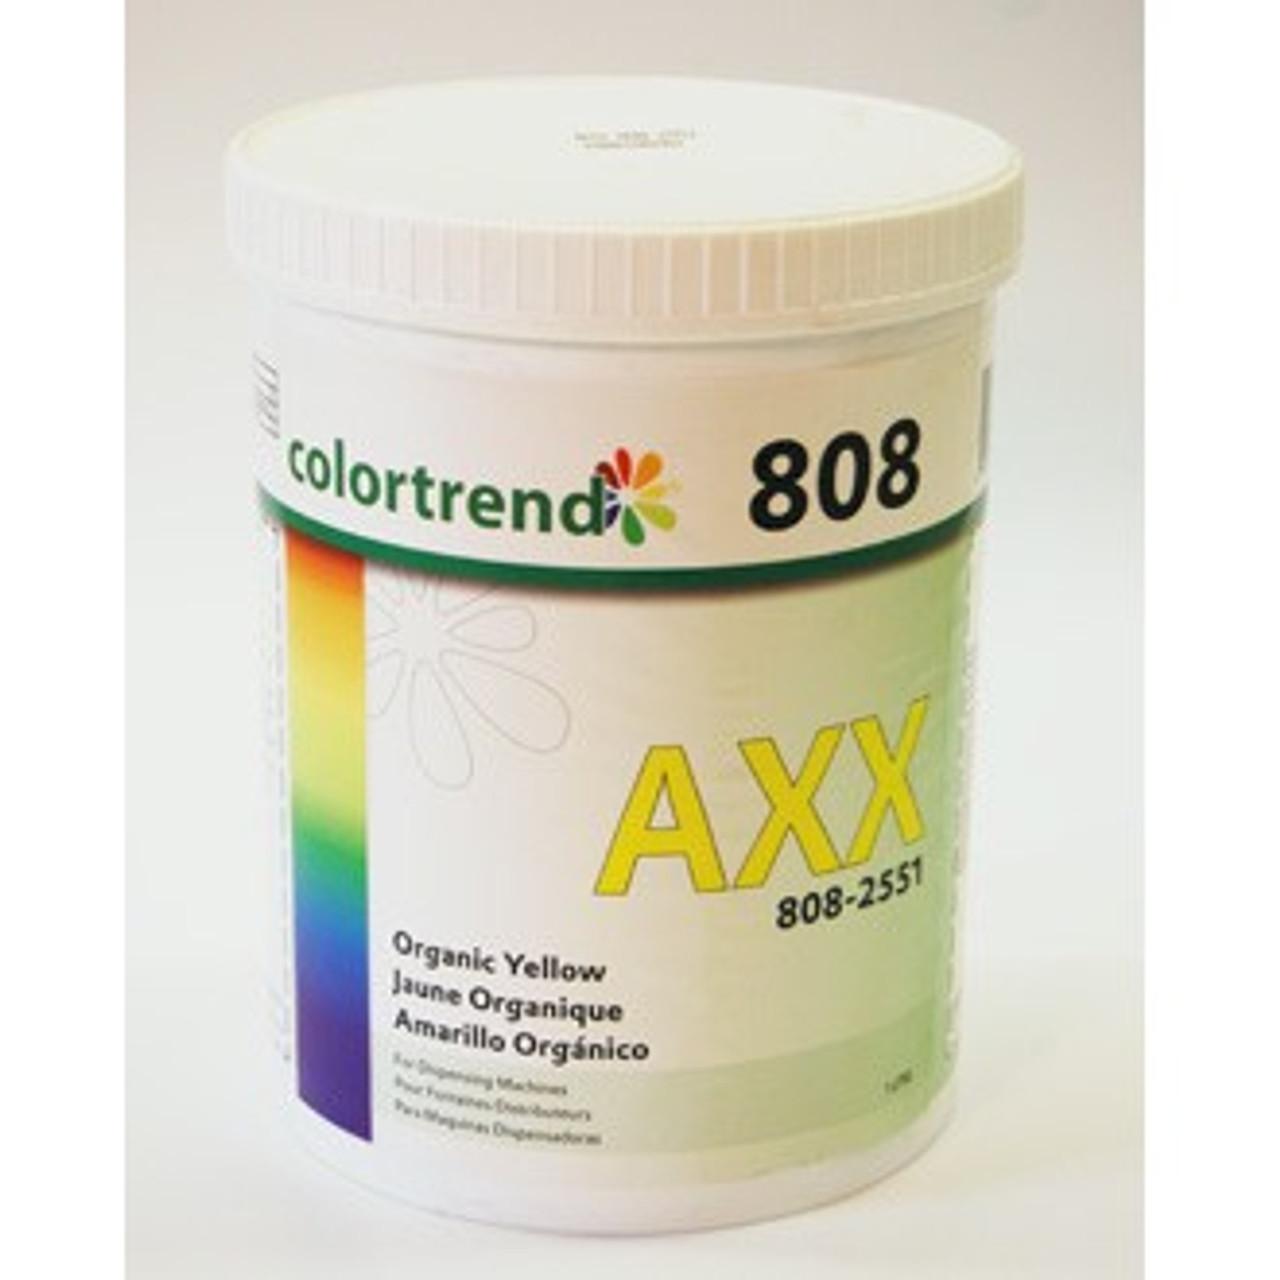 Chromaflo Colortrend Universal Colorant 808-0422 Magenta - V - Quart